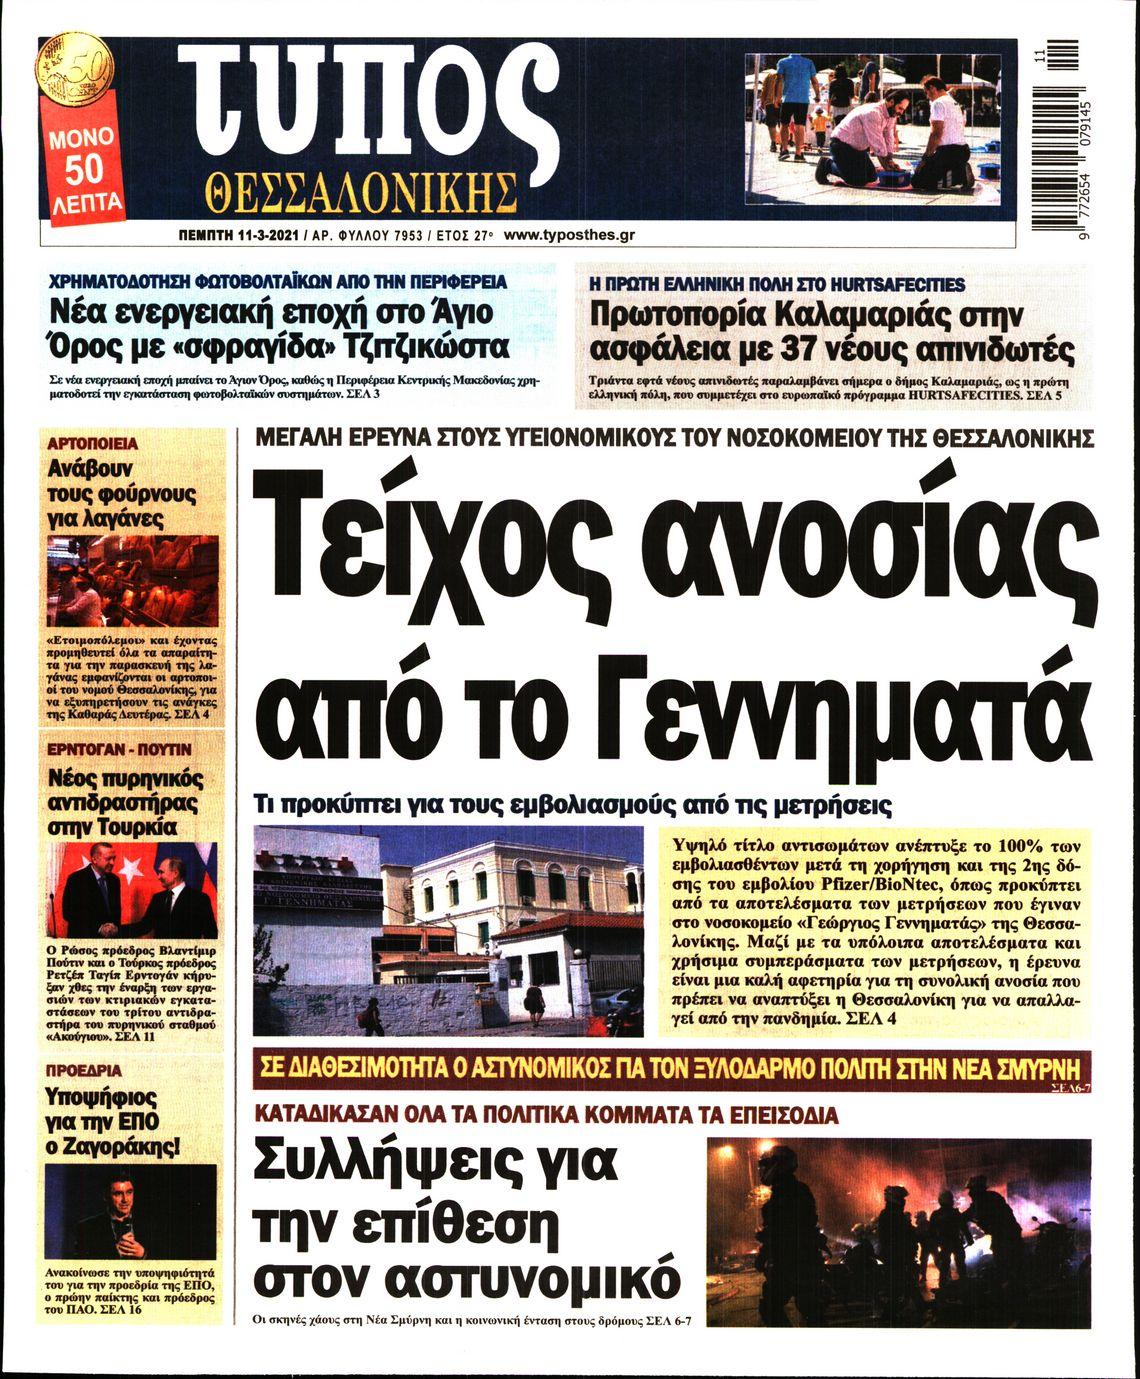 https://www.newsbeast.gr/files/1/newspapers/2021/03/11/27966656_444.jpg?1615443733